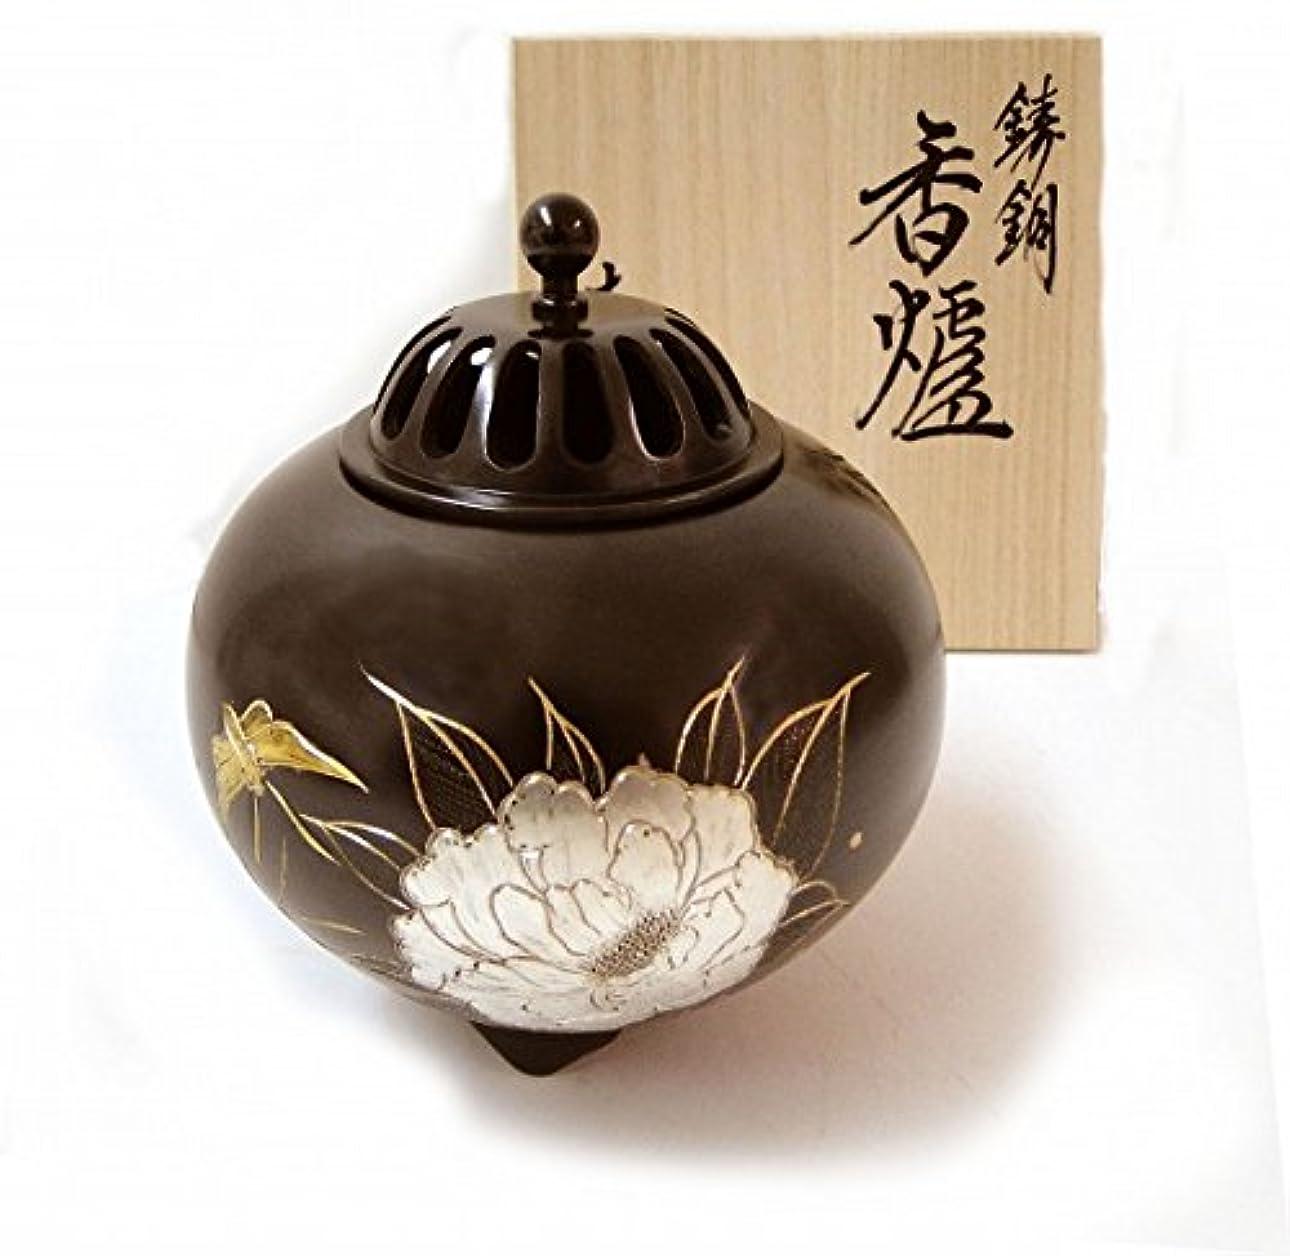 失礼な是正する小さな『平丸香炉?牡丹』銅製